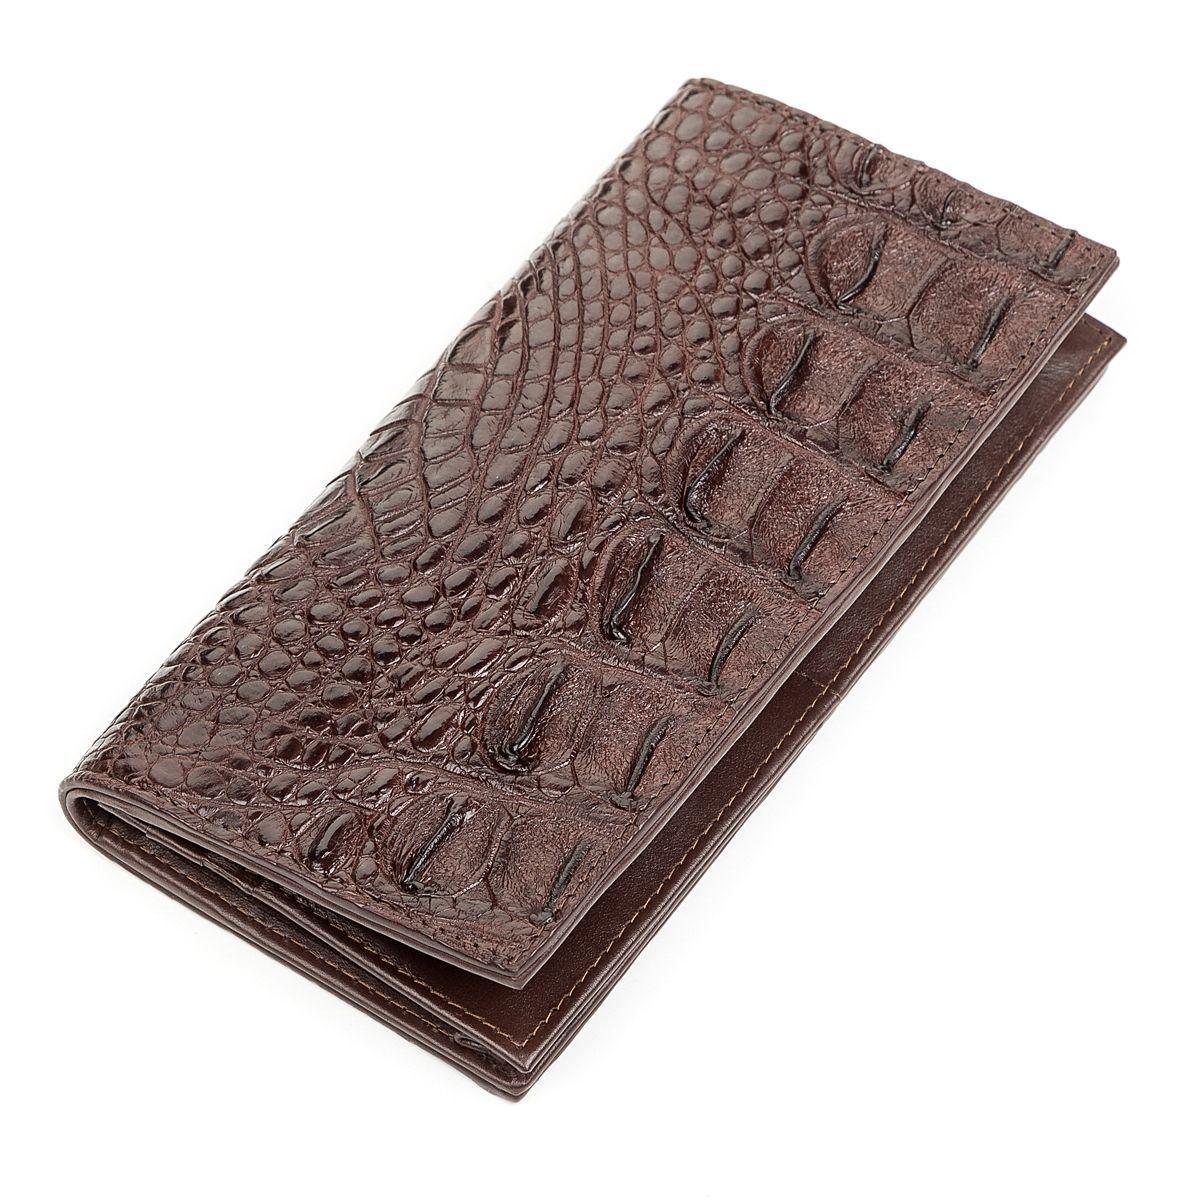 Портмоне вертикальное Ekzotic Leather из натуральной кожи крокодила Коричневое